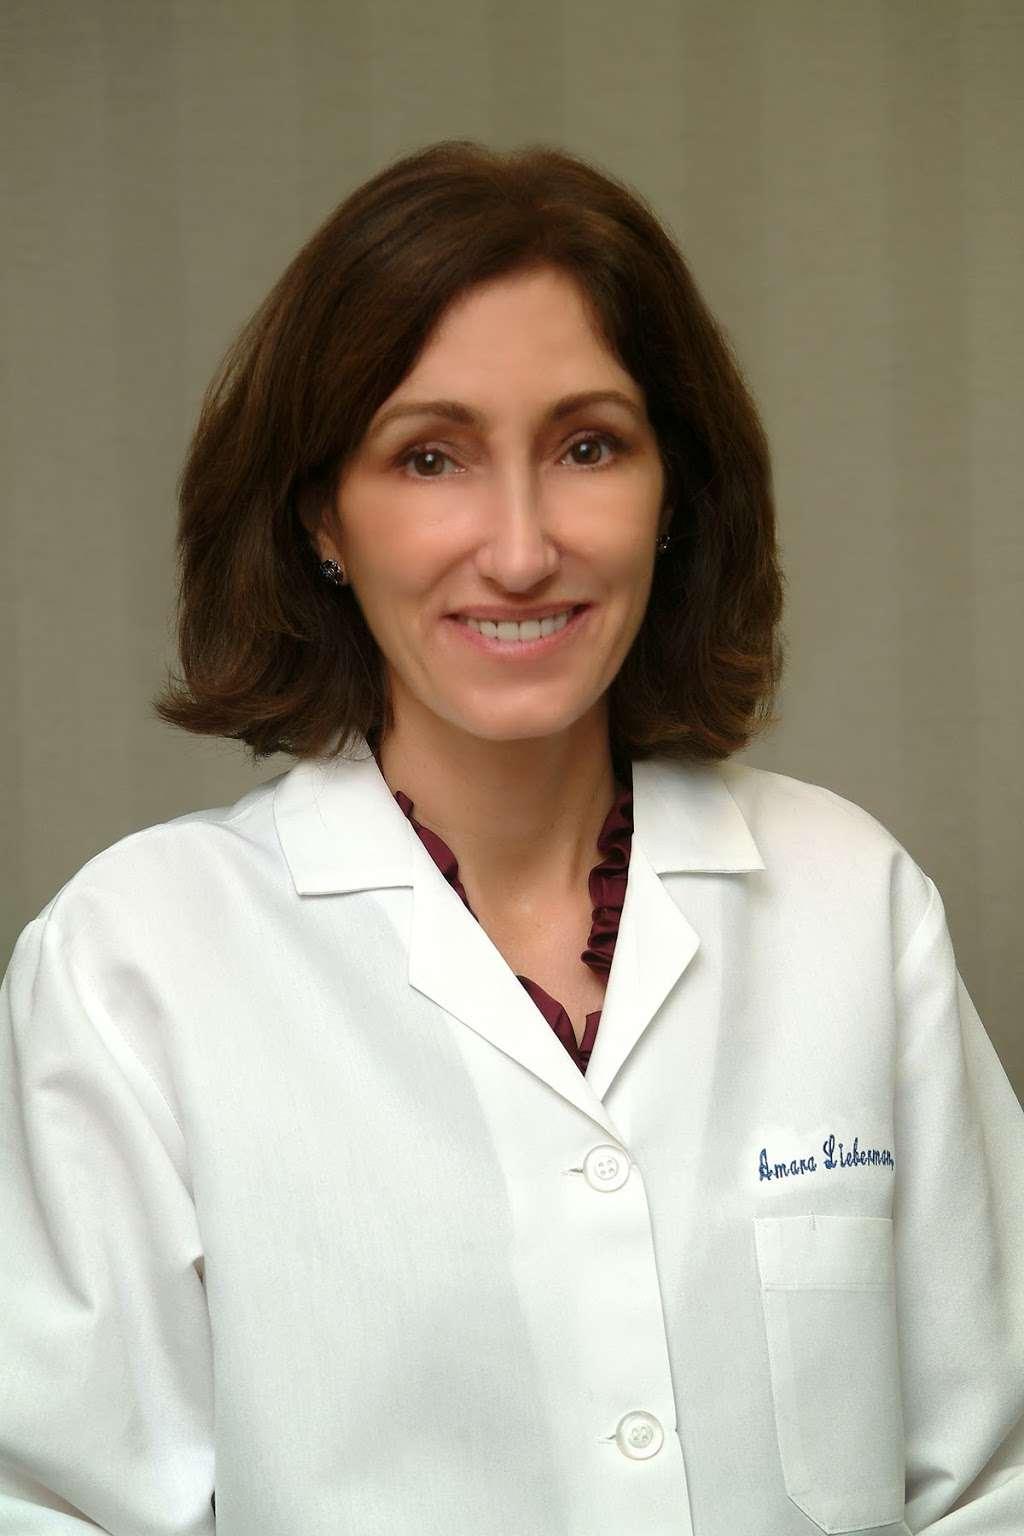 Bala Dermatology - doctor  | Photo 2 of 5 | Address: 1 Bala Plaza #620, Bala Cynwyd, PA 19004, USA | Phone: (610) 664-3300